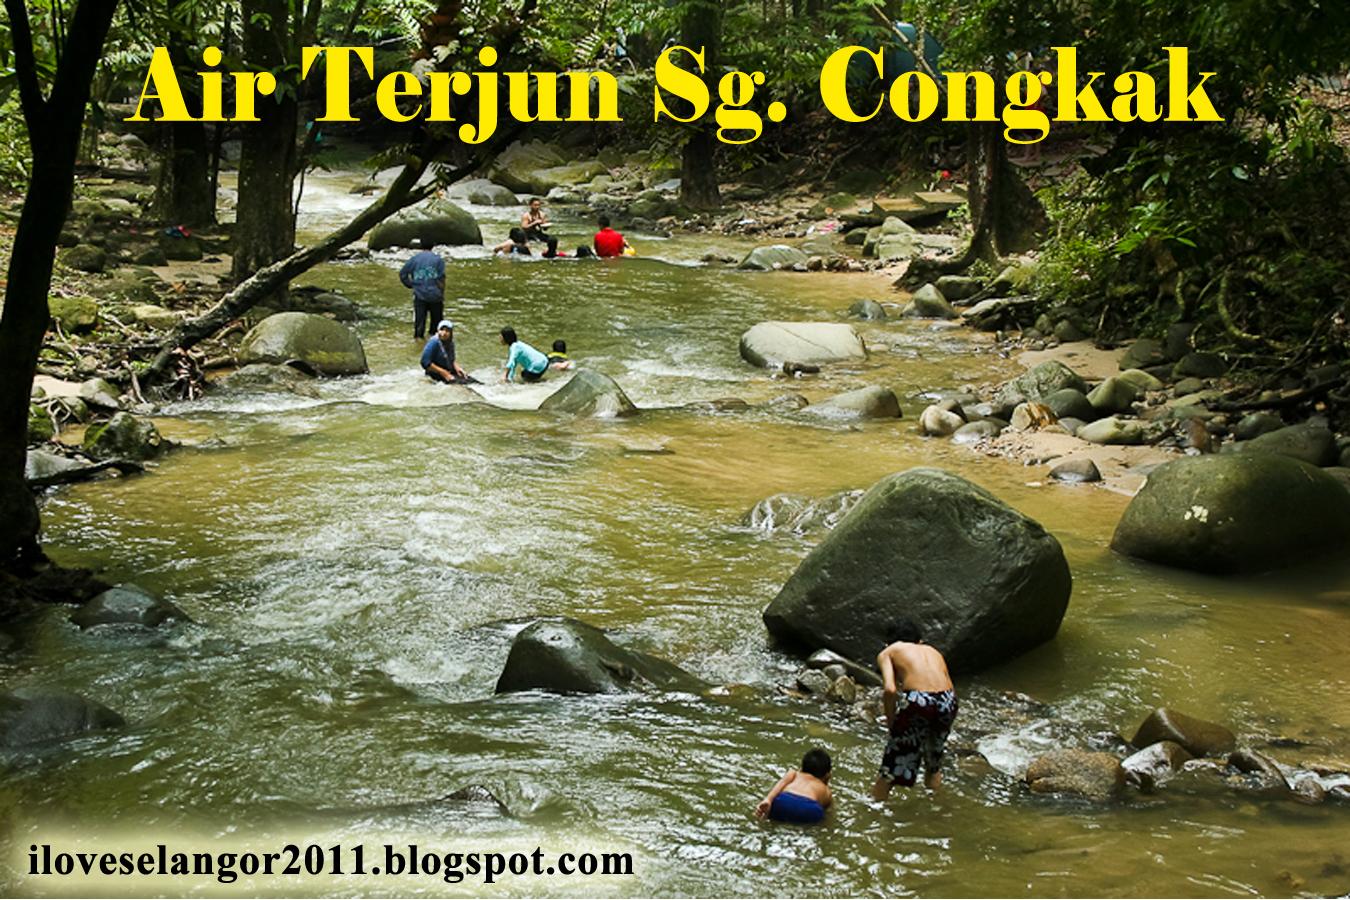 sg congkak 1 Of Air Terjun Congkak Di Selangor Lokasi Mandi Manda Yang Terbaik Untuk Pelawat